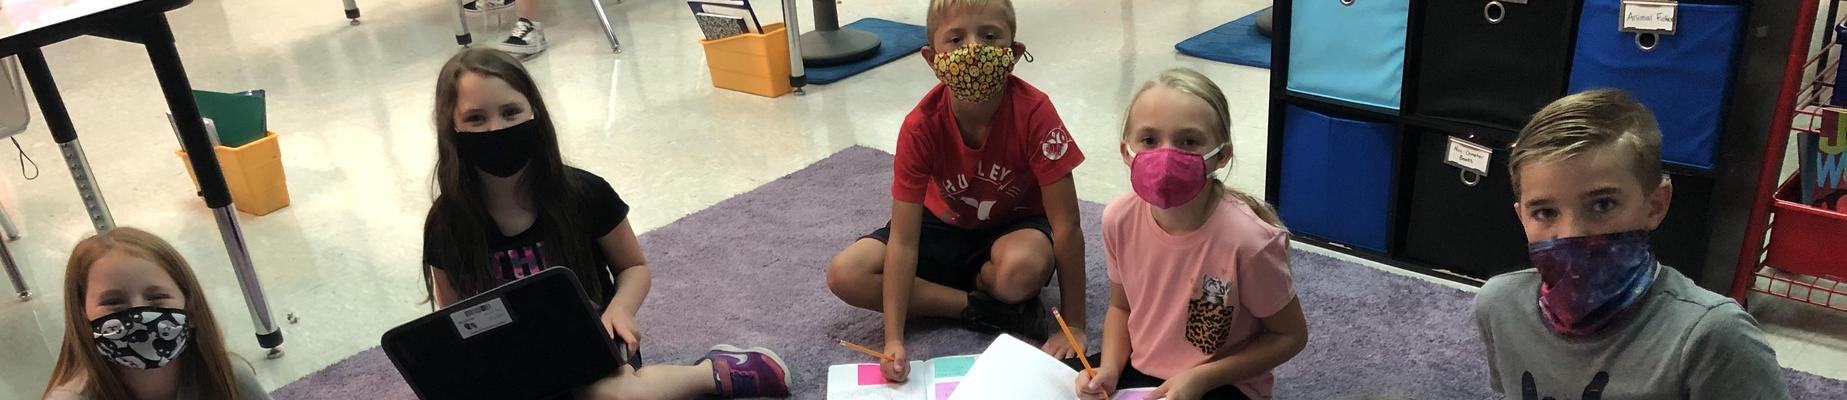 Kids learning on carpet